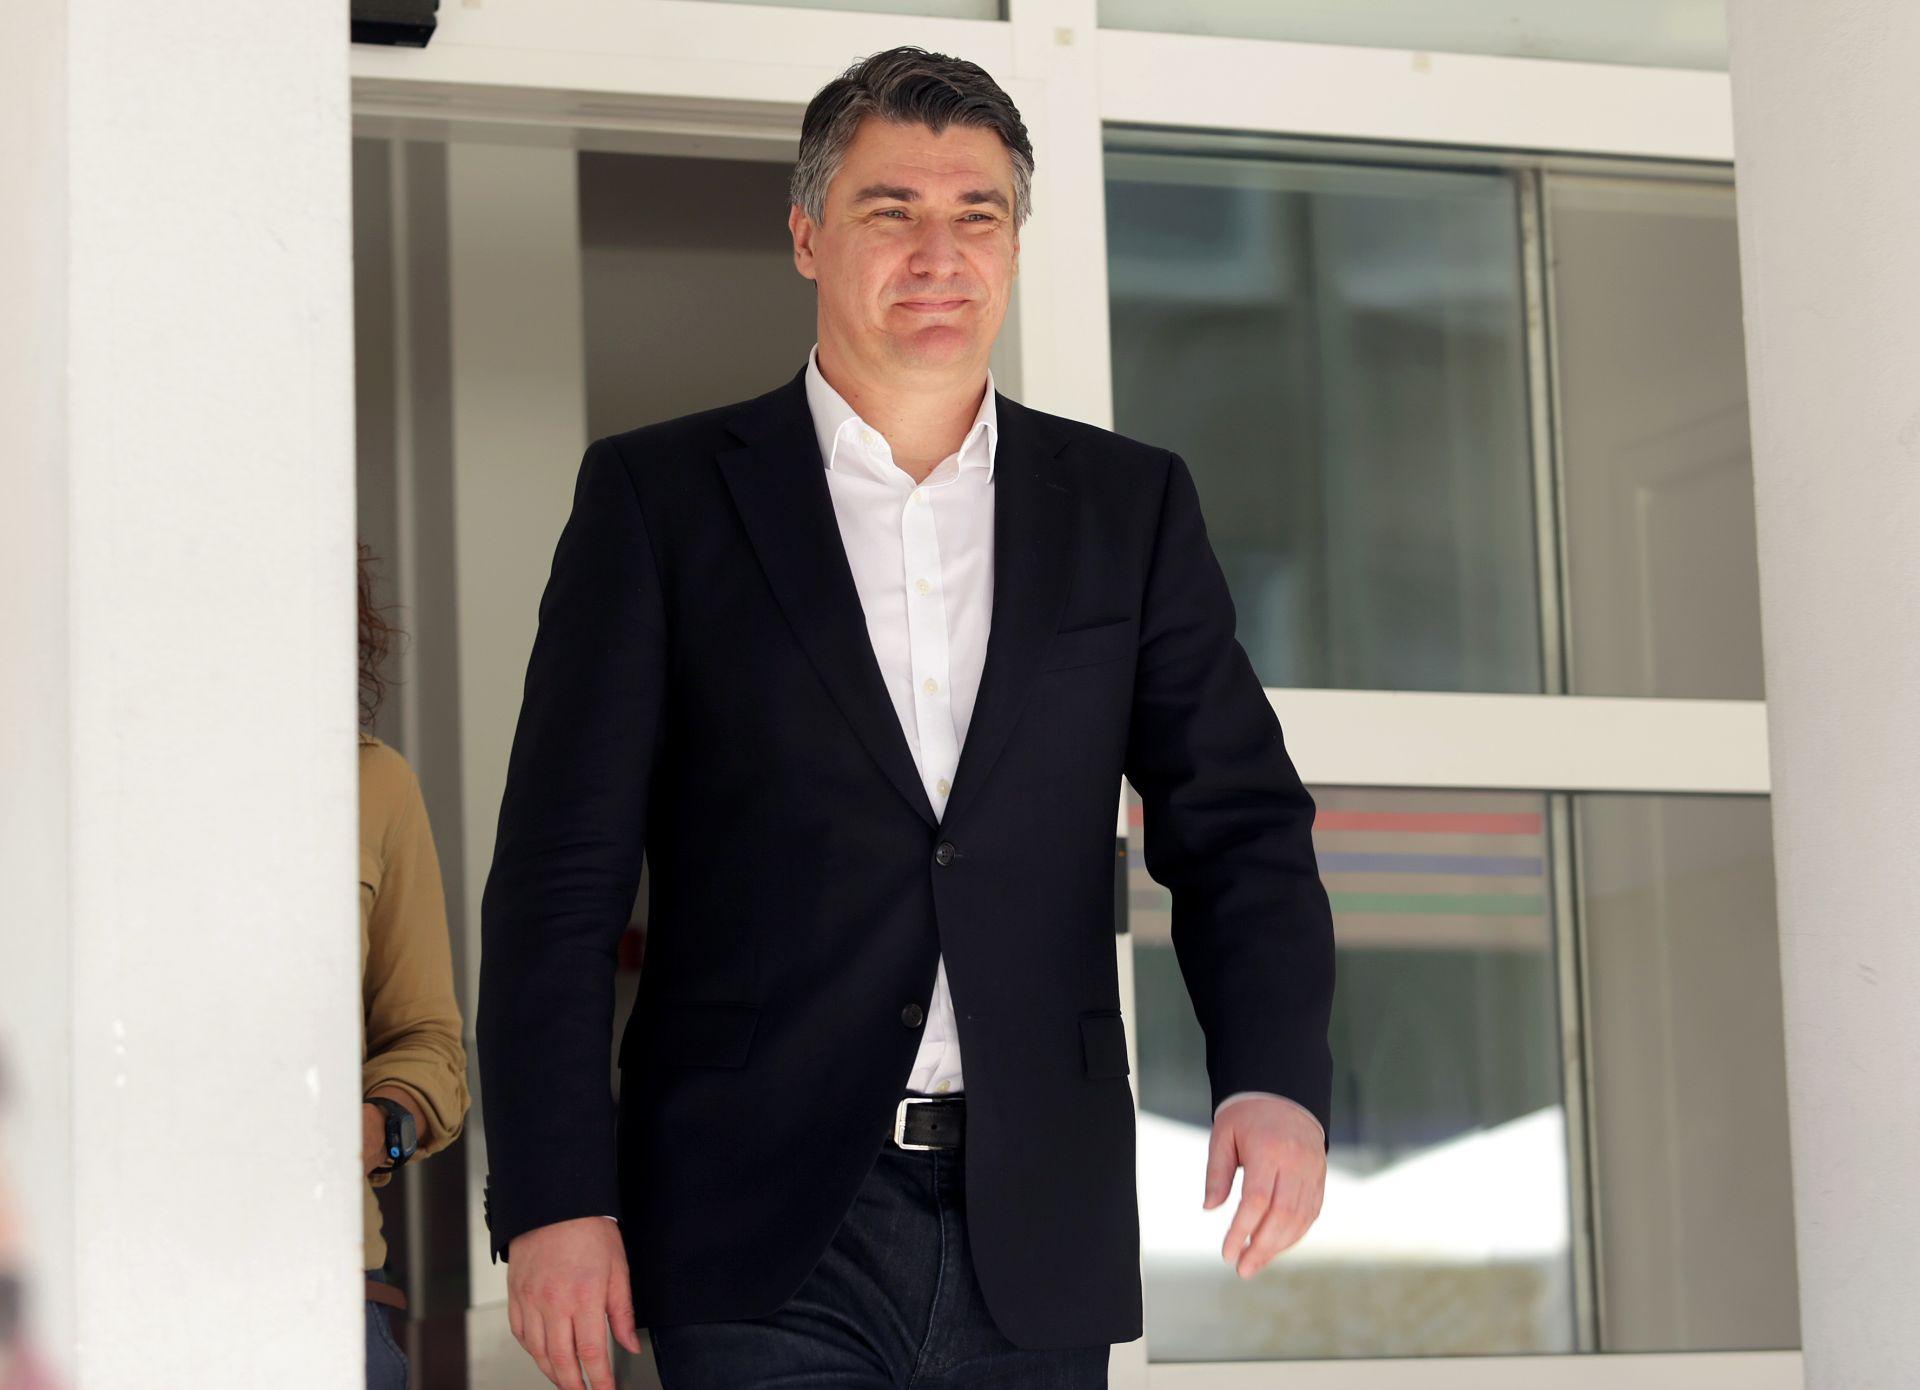 ISTRAŽIVANJE POKAZALO: Birači bi za sljedećeg premijera željeli Zorana Milanovića